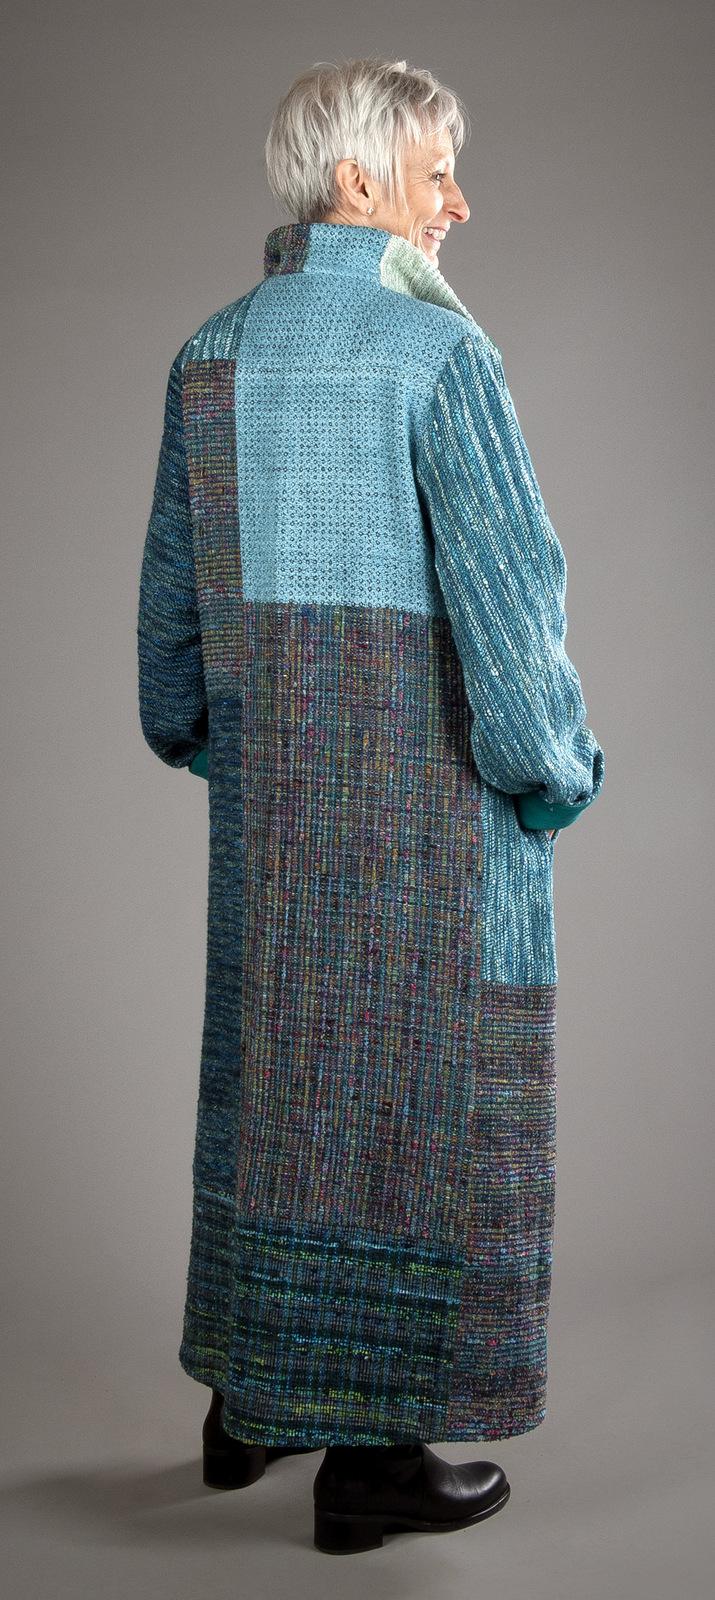 Liz Spear Handwoven, Wearable Art, Art-To-Wear-057.jpg